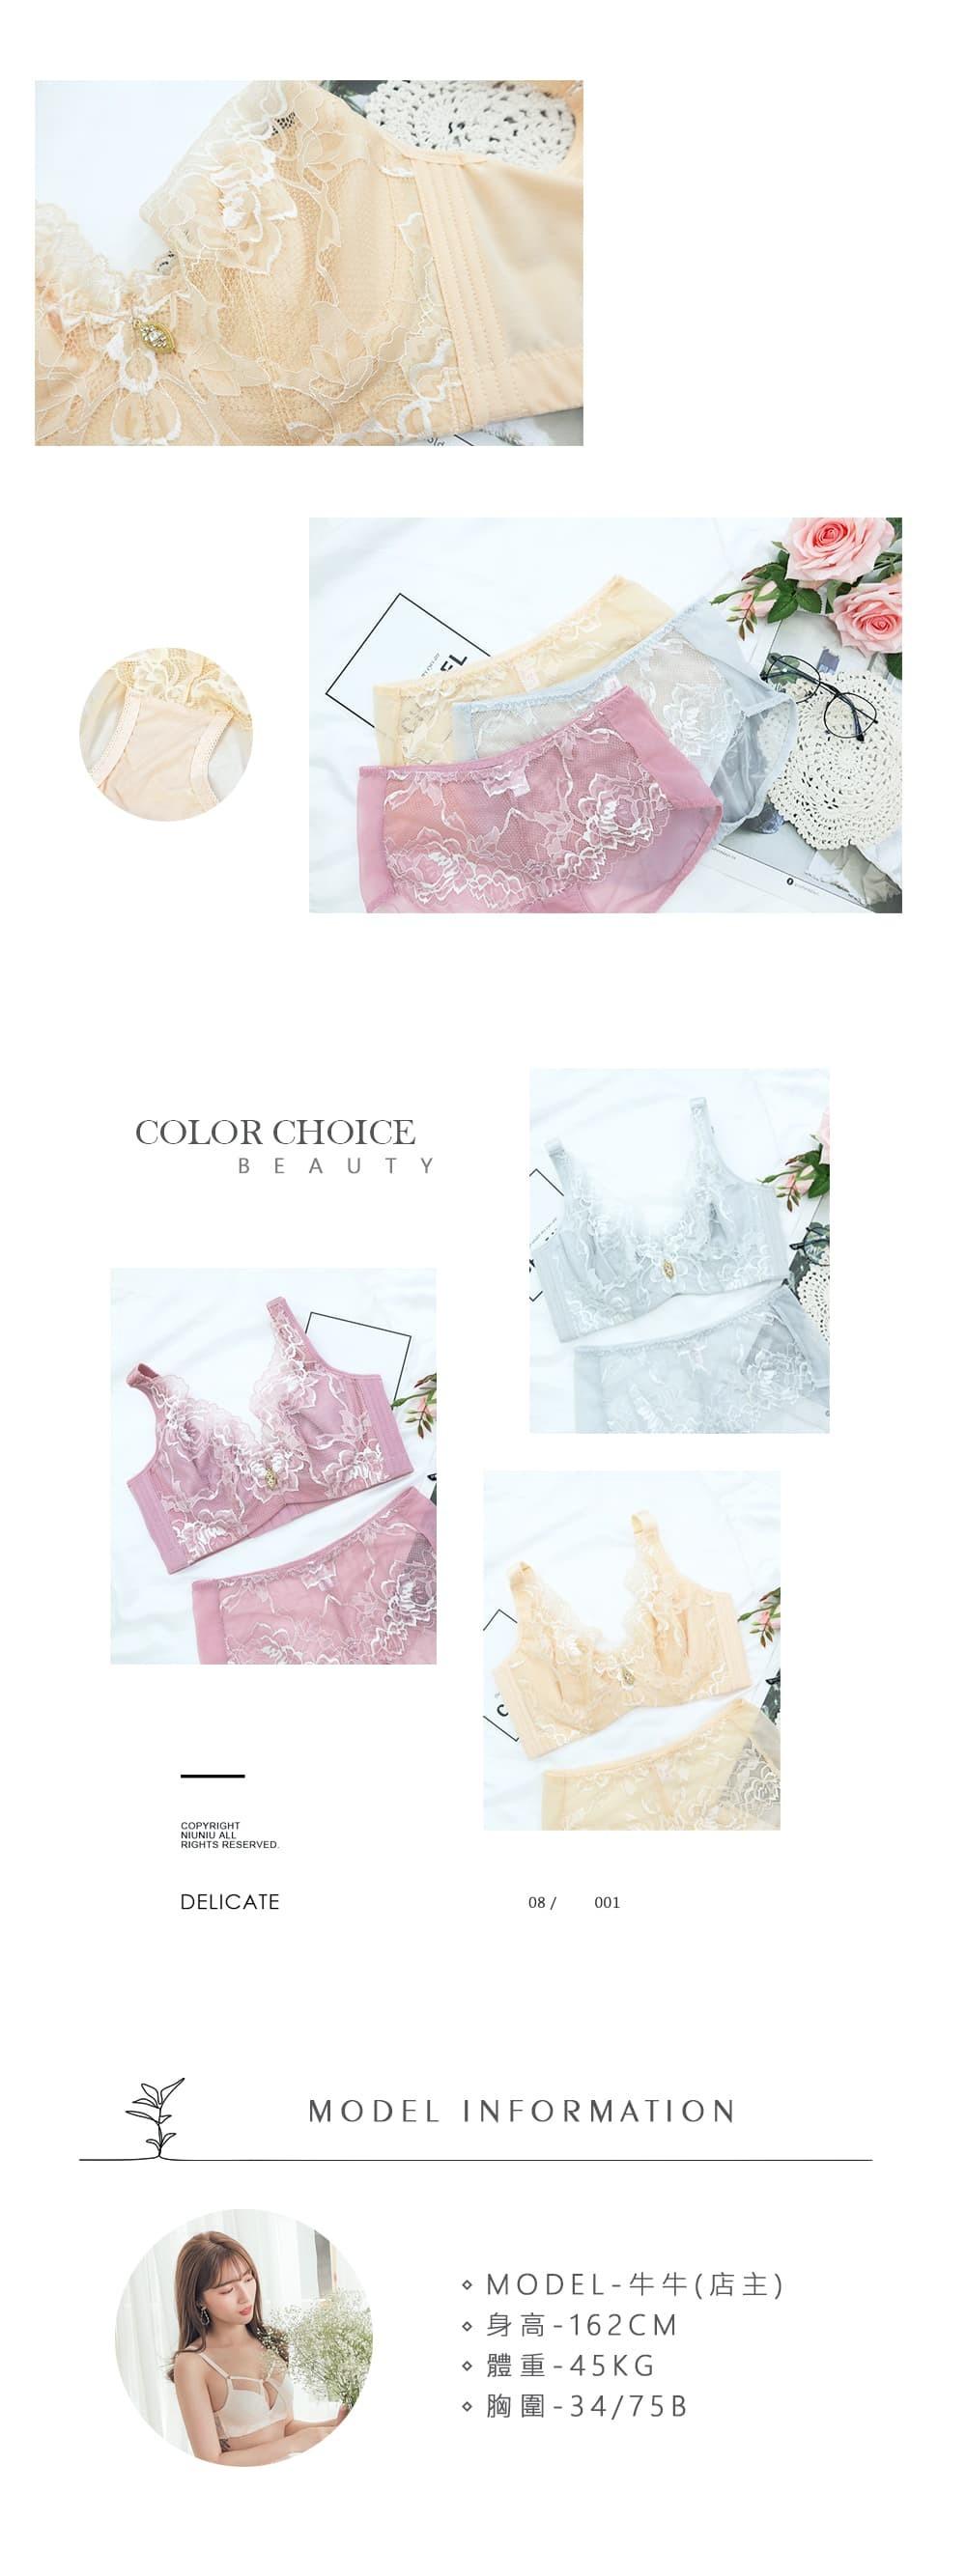 花間精靈J型鋼調整型內衣套裝 3色